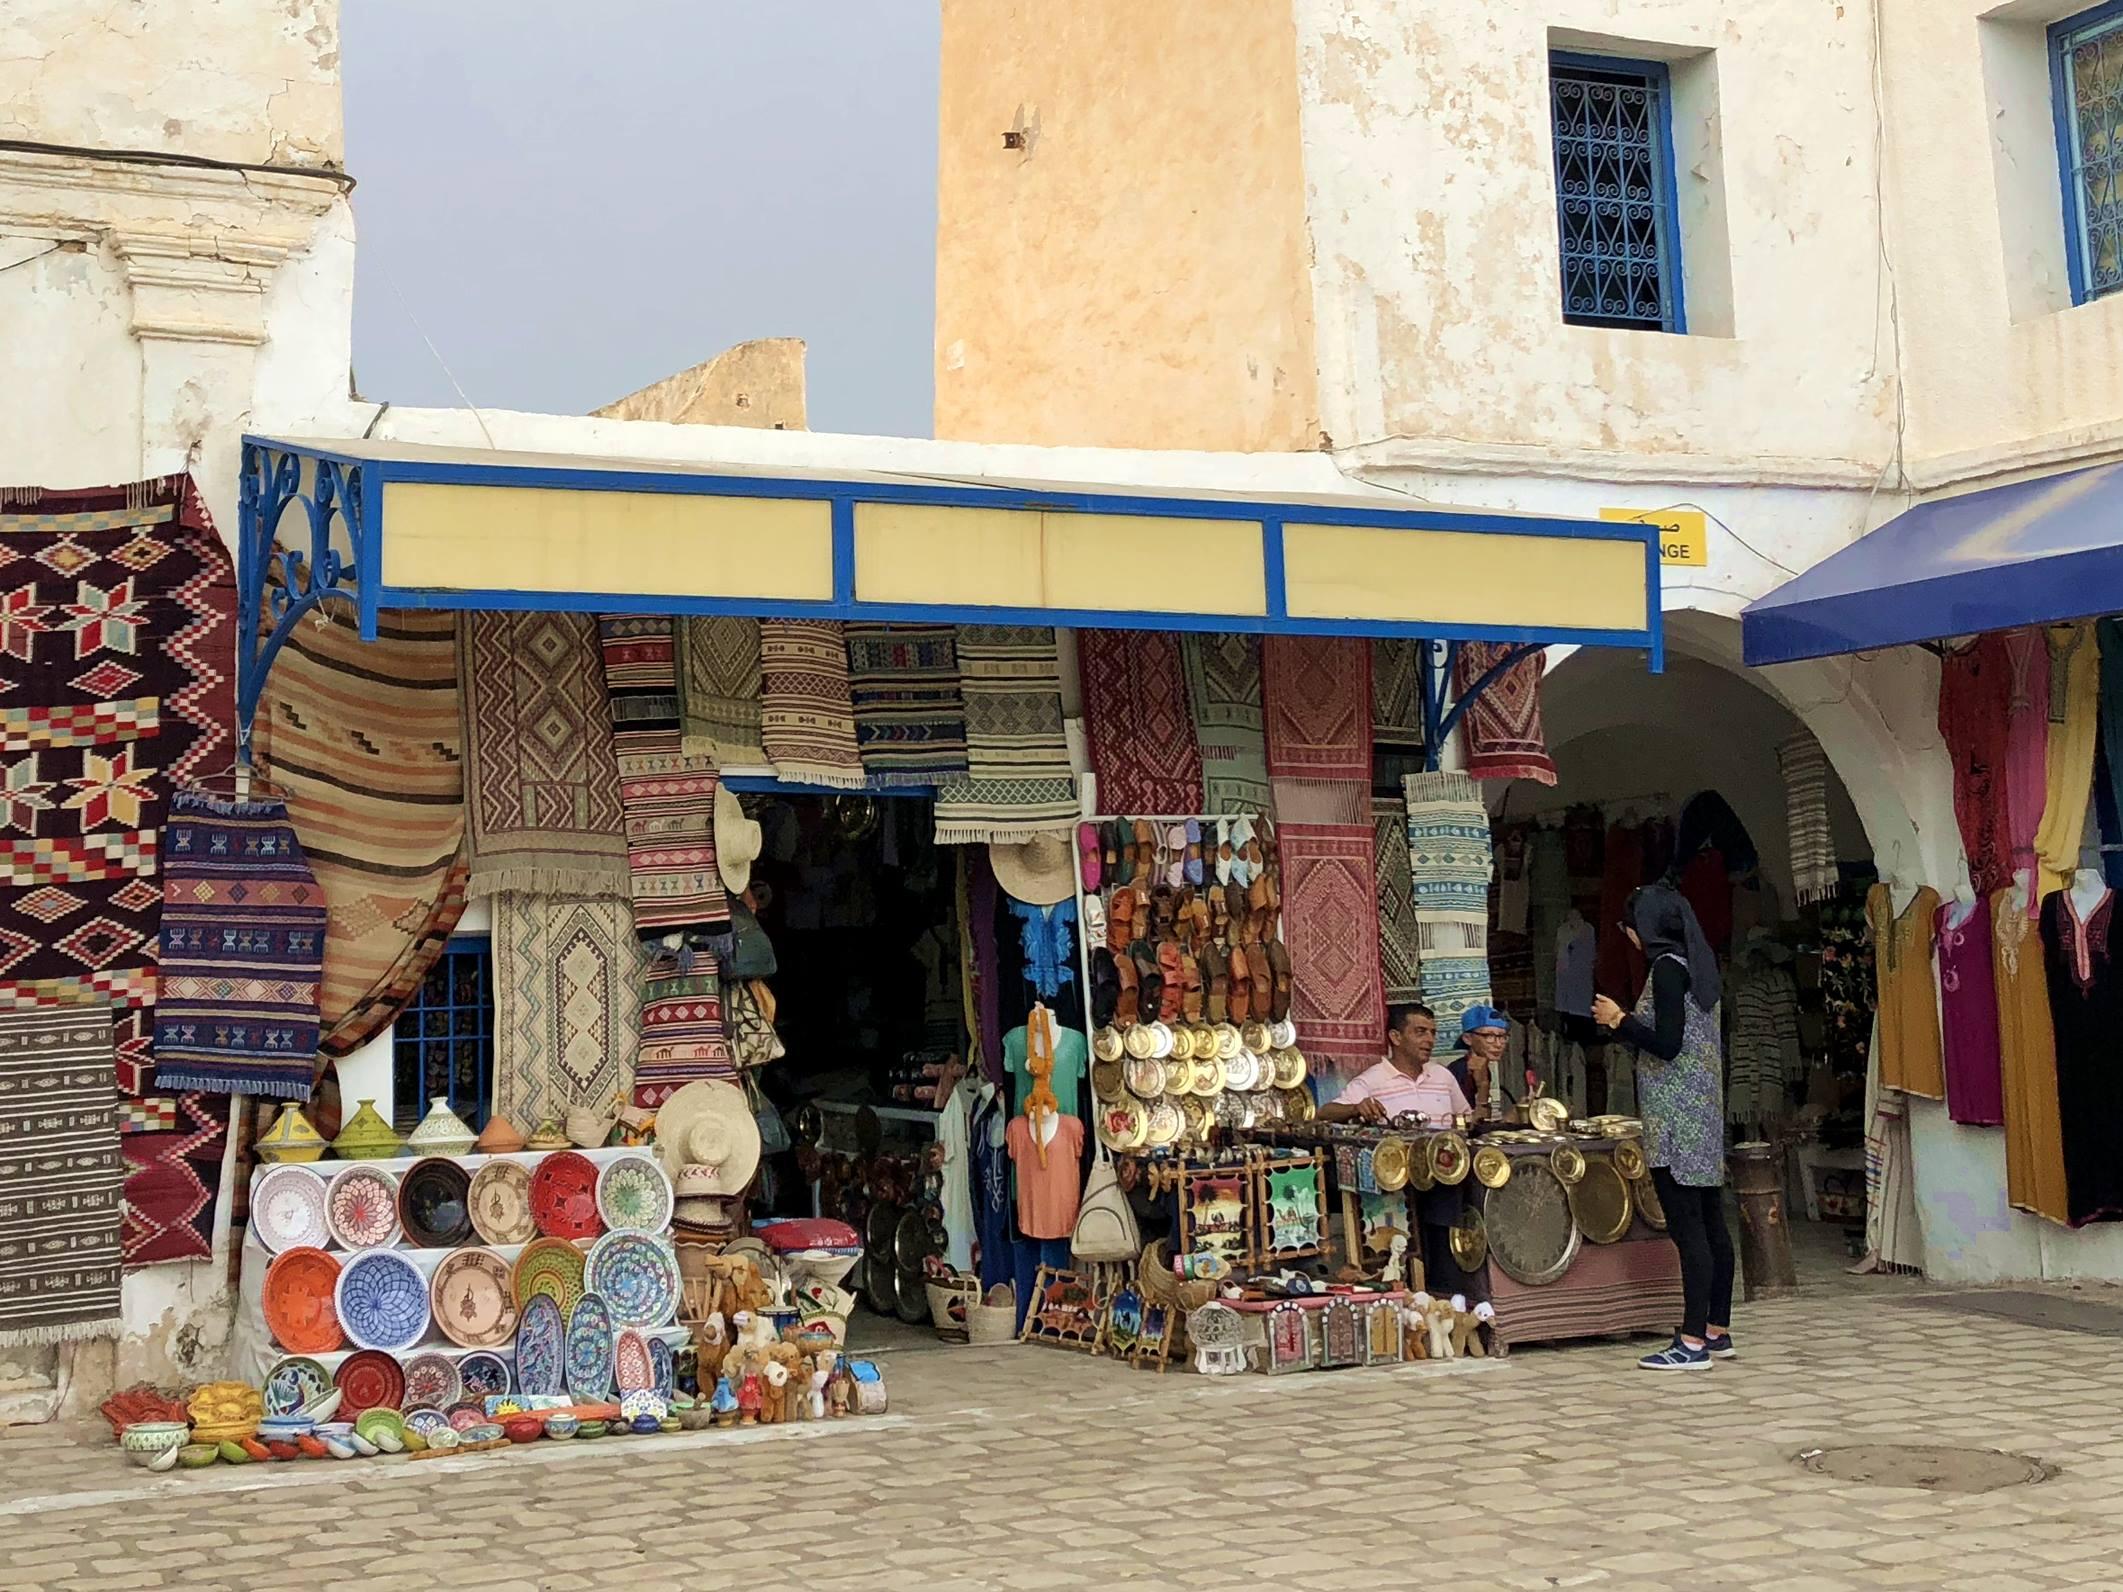 djerba_tunisia_houmtsouk_2